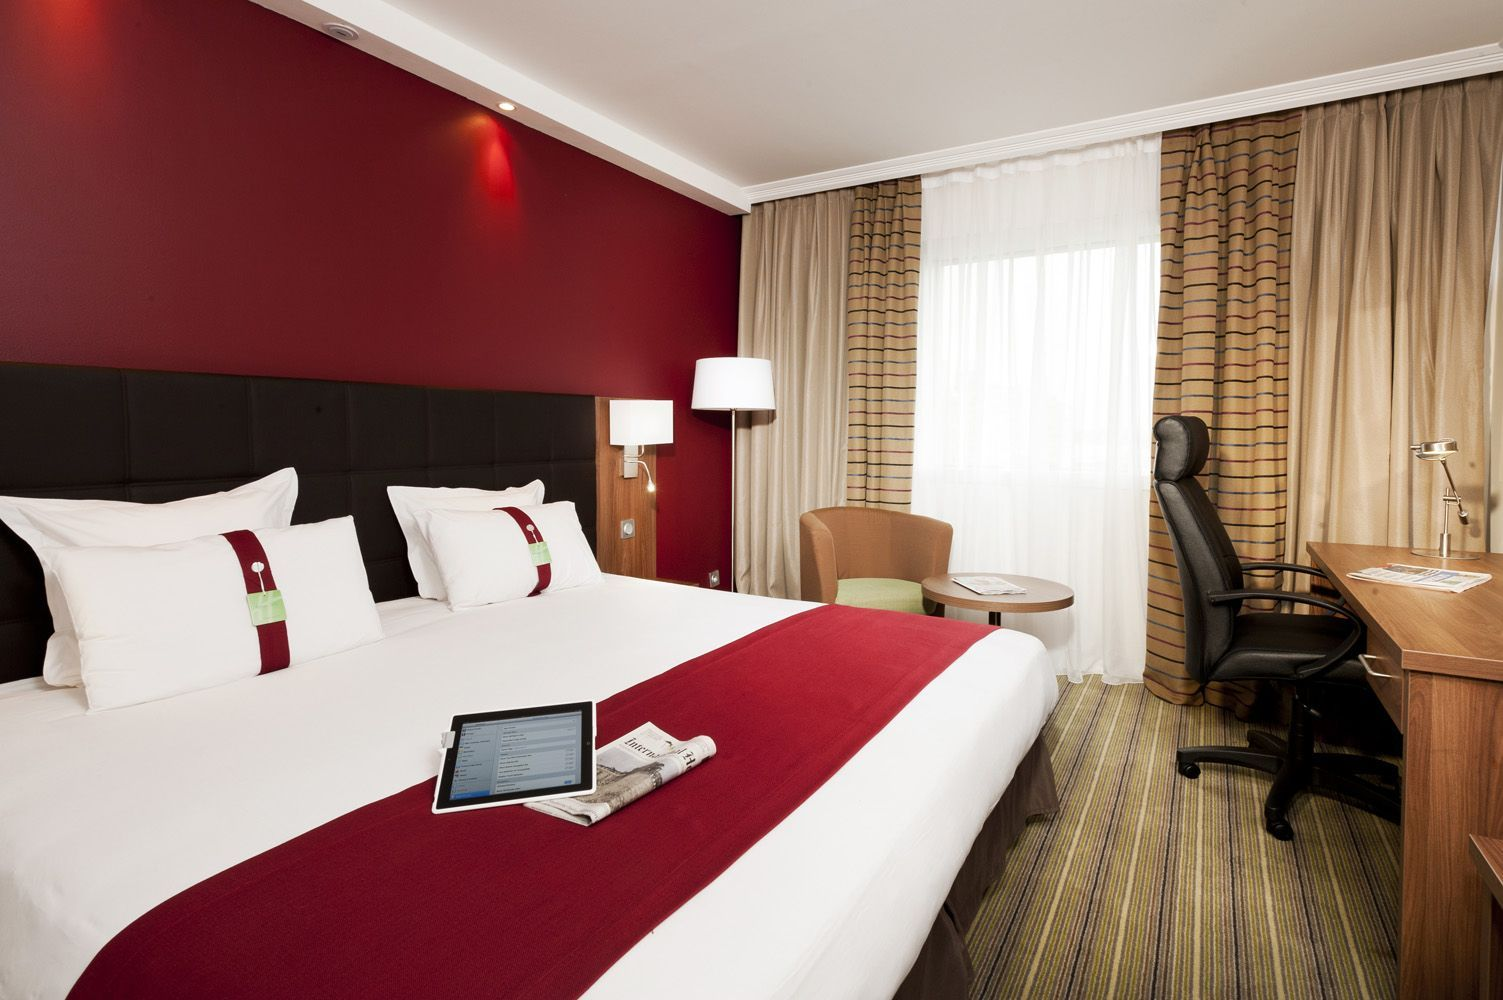 Holiday inn paris marne la vall e son succ s ses 4 toiles - Hotel marne la vallee chambre familiale ...